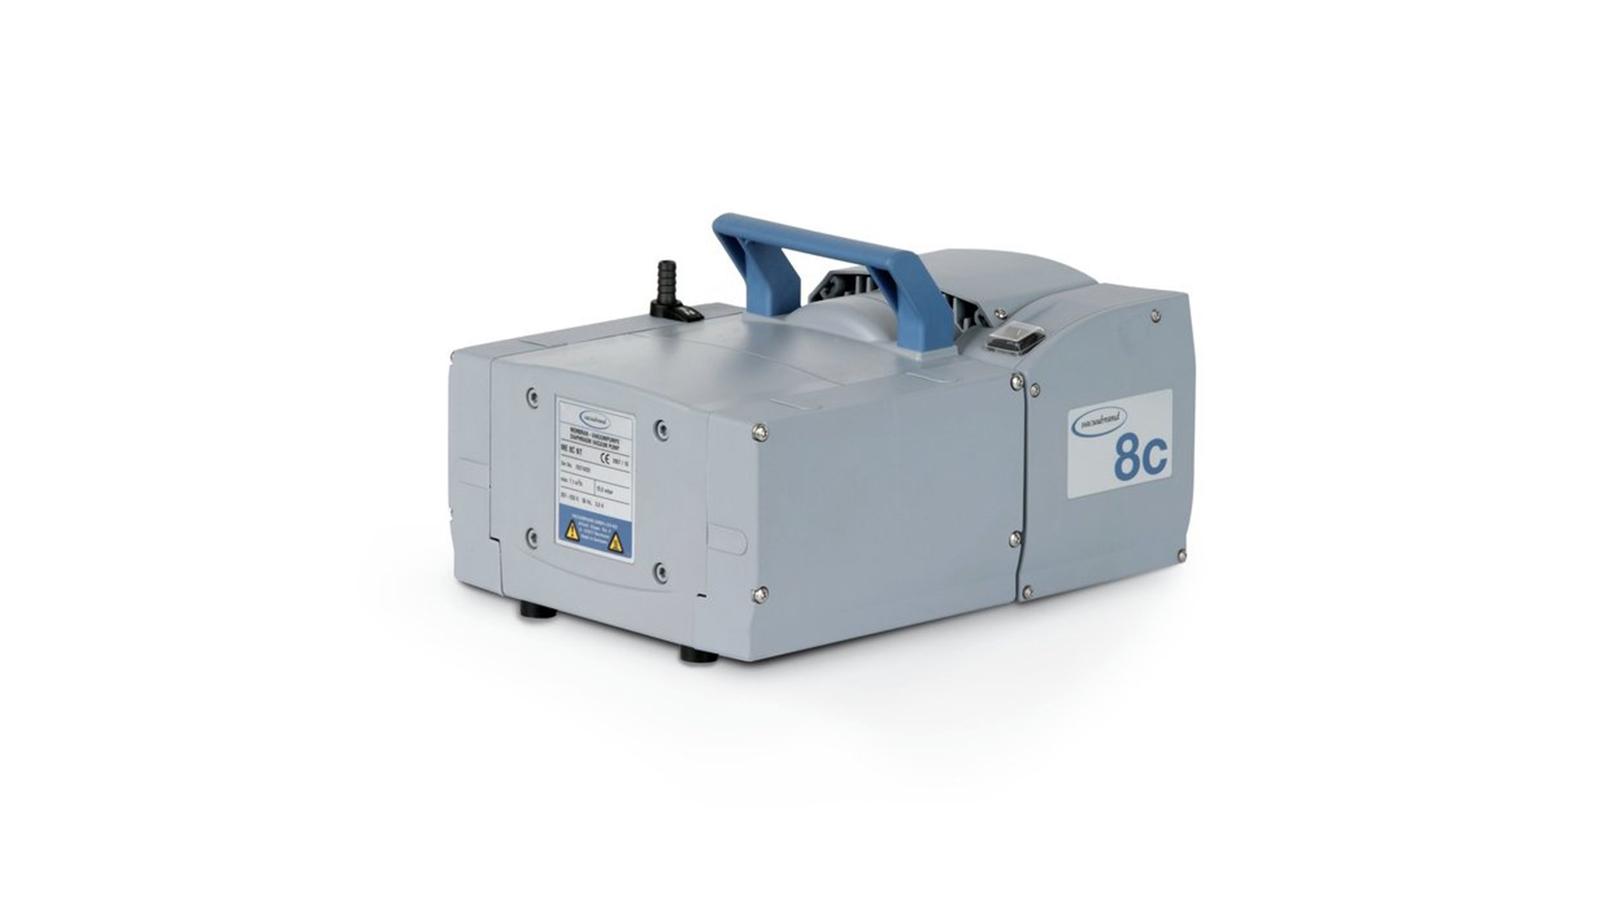 Vacuubrand Me 8C NT Vakum Pompası || Merlab Laboratuvar Ekipmanları